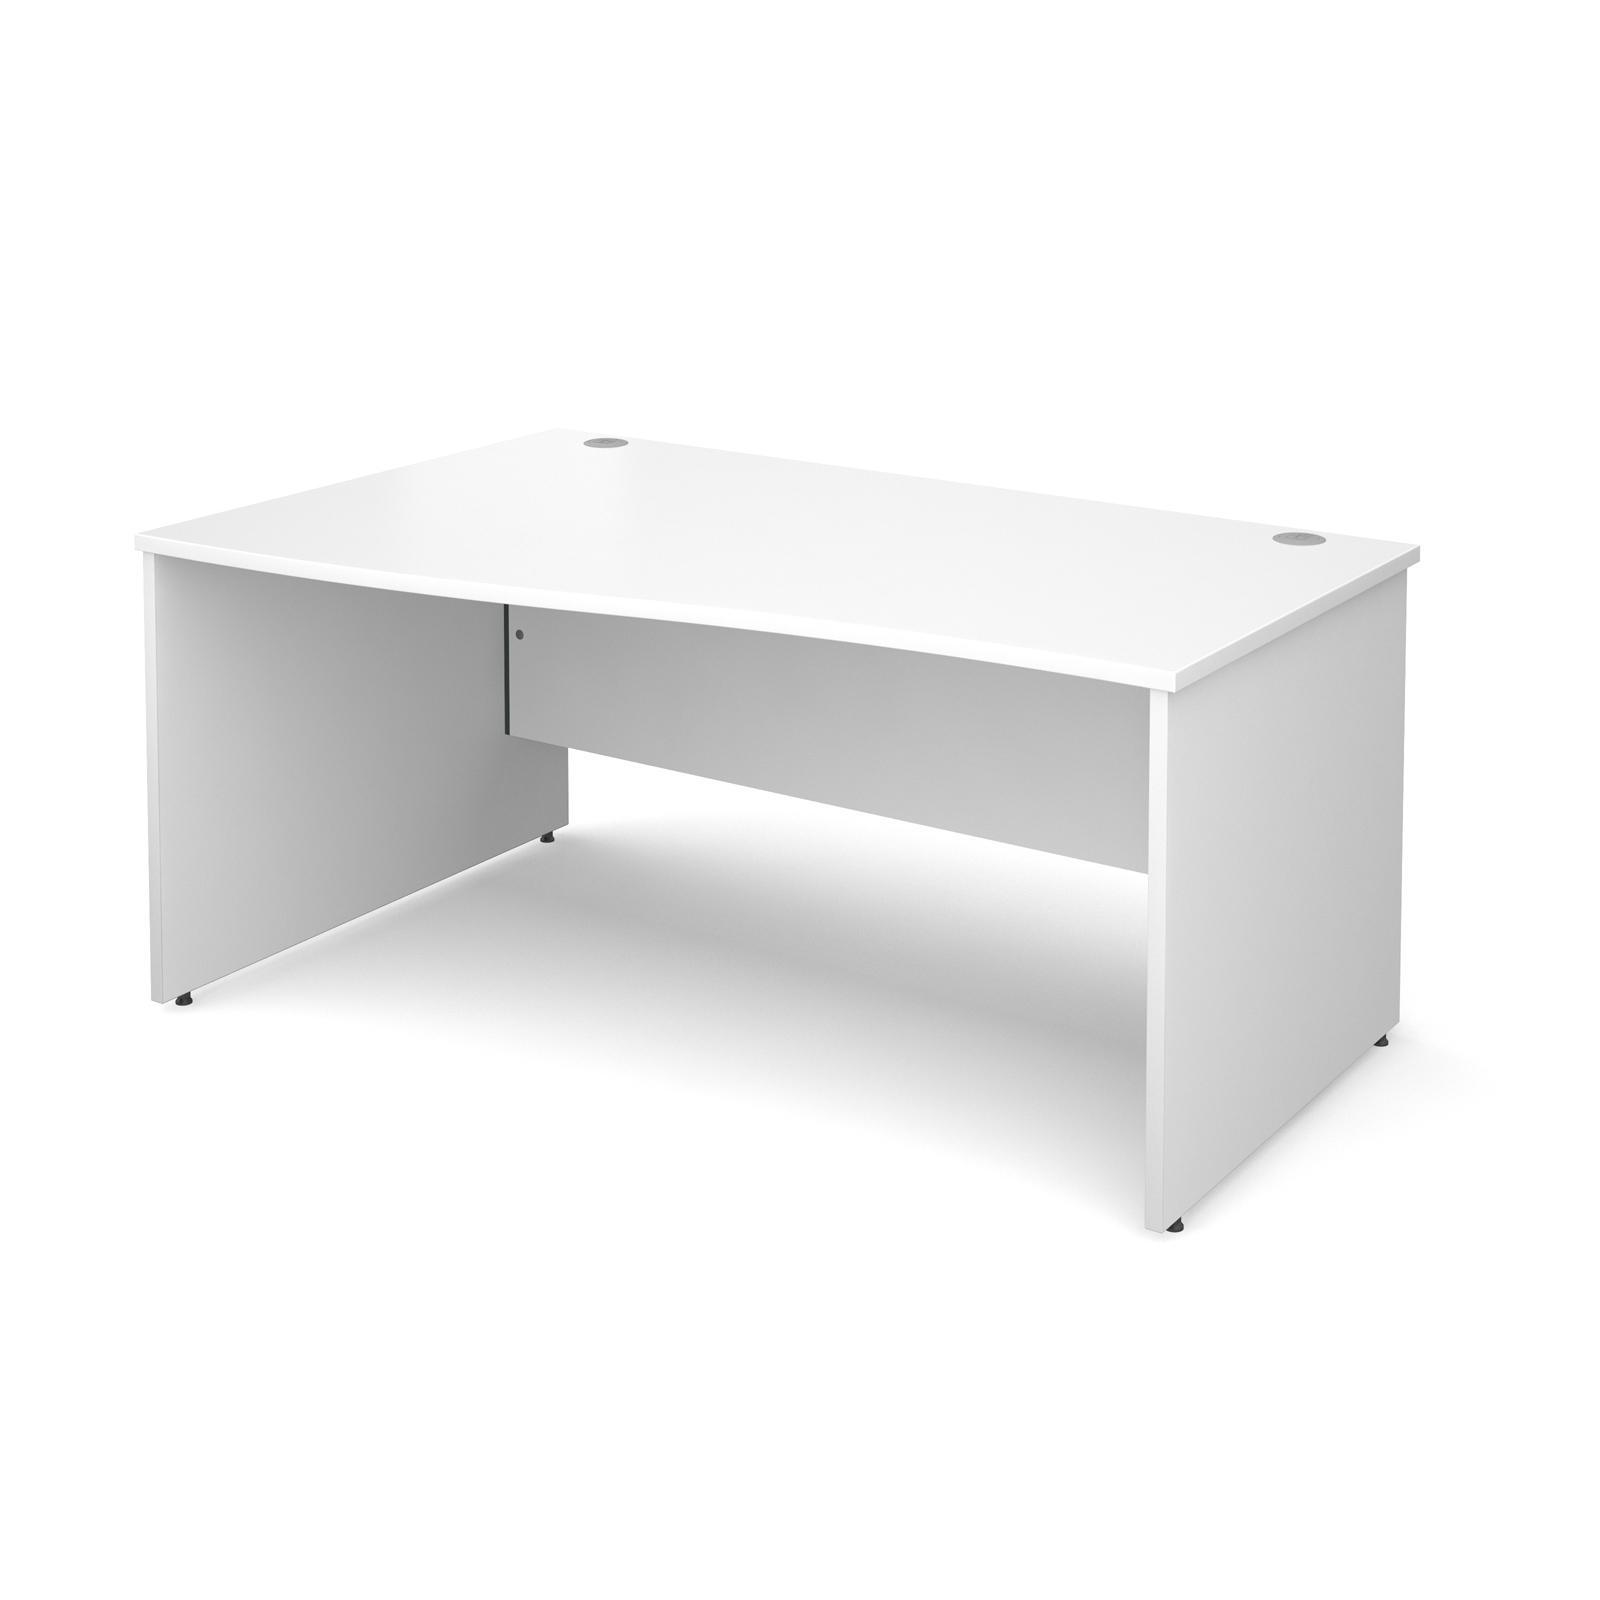 Maestro 25 Pl Left Hand Wave Desk 1600mm - White Panel Leg Design